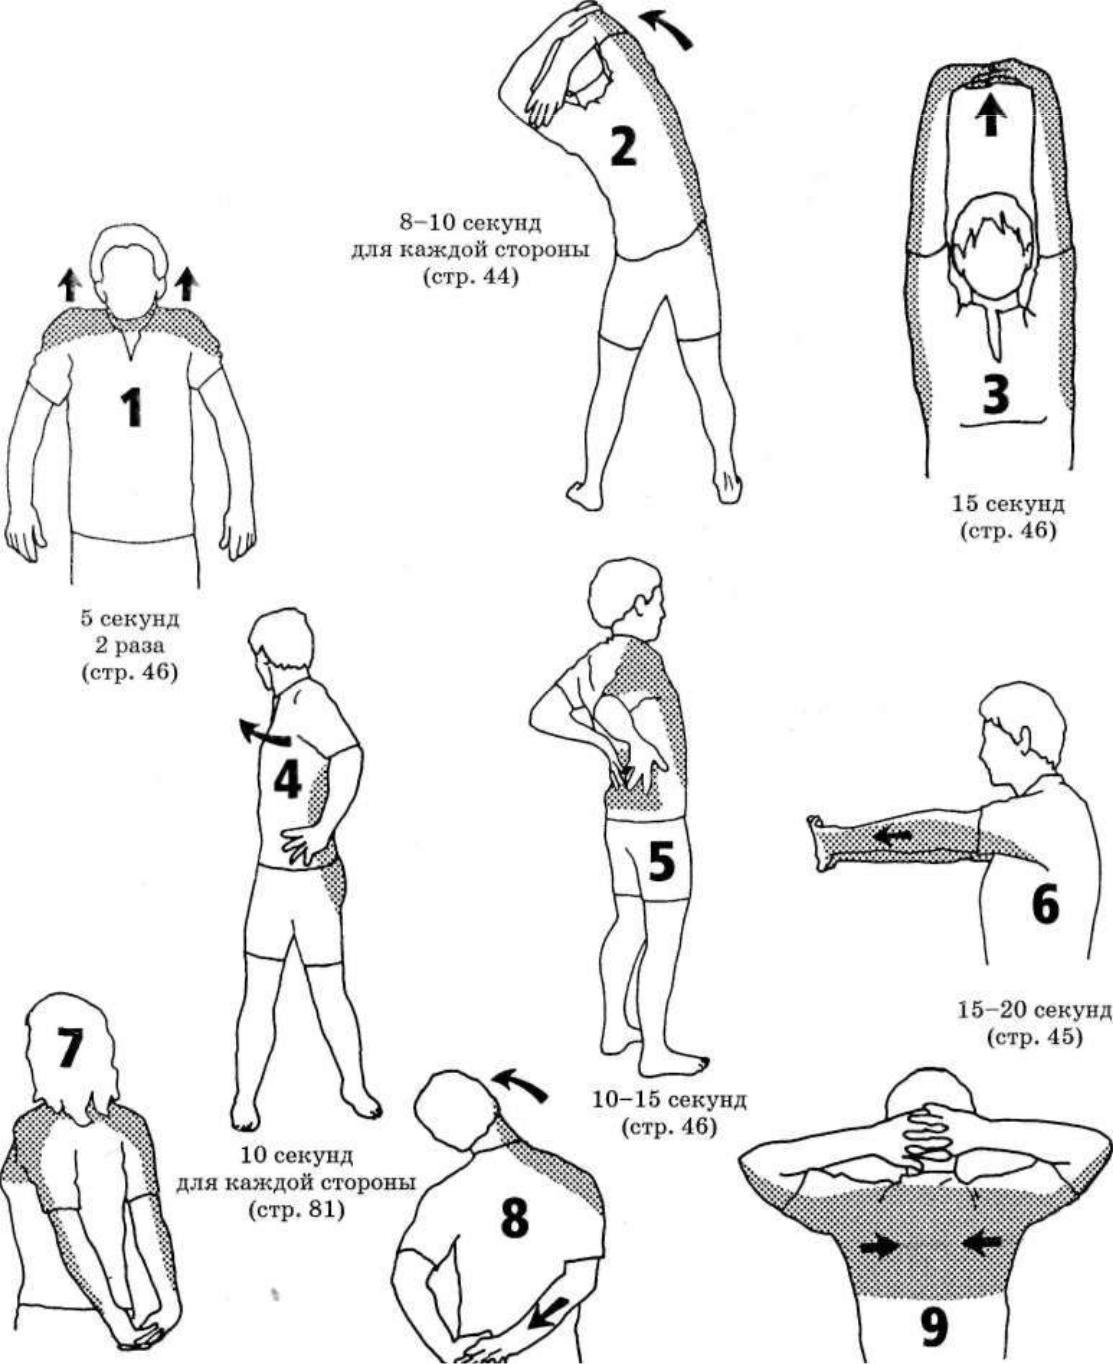 Разминка перед тренировкой для девушек. разогревание и растягивание мышц для женщин в тренажерном зале и для дома. упражнения для здоровья